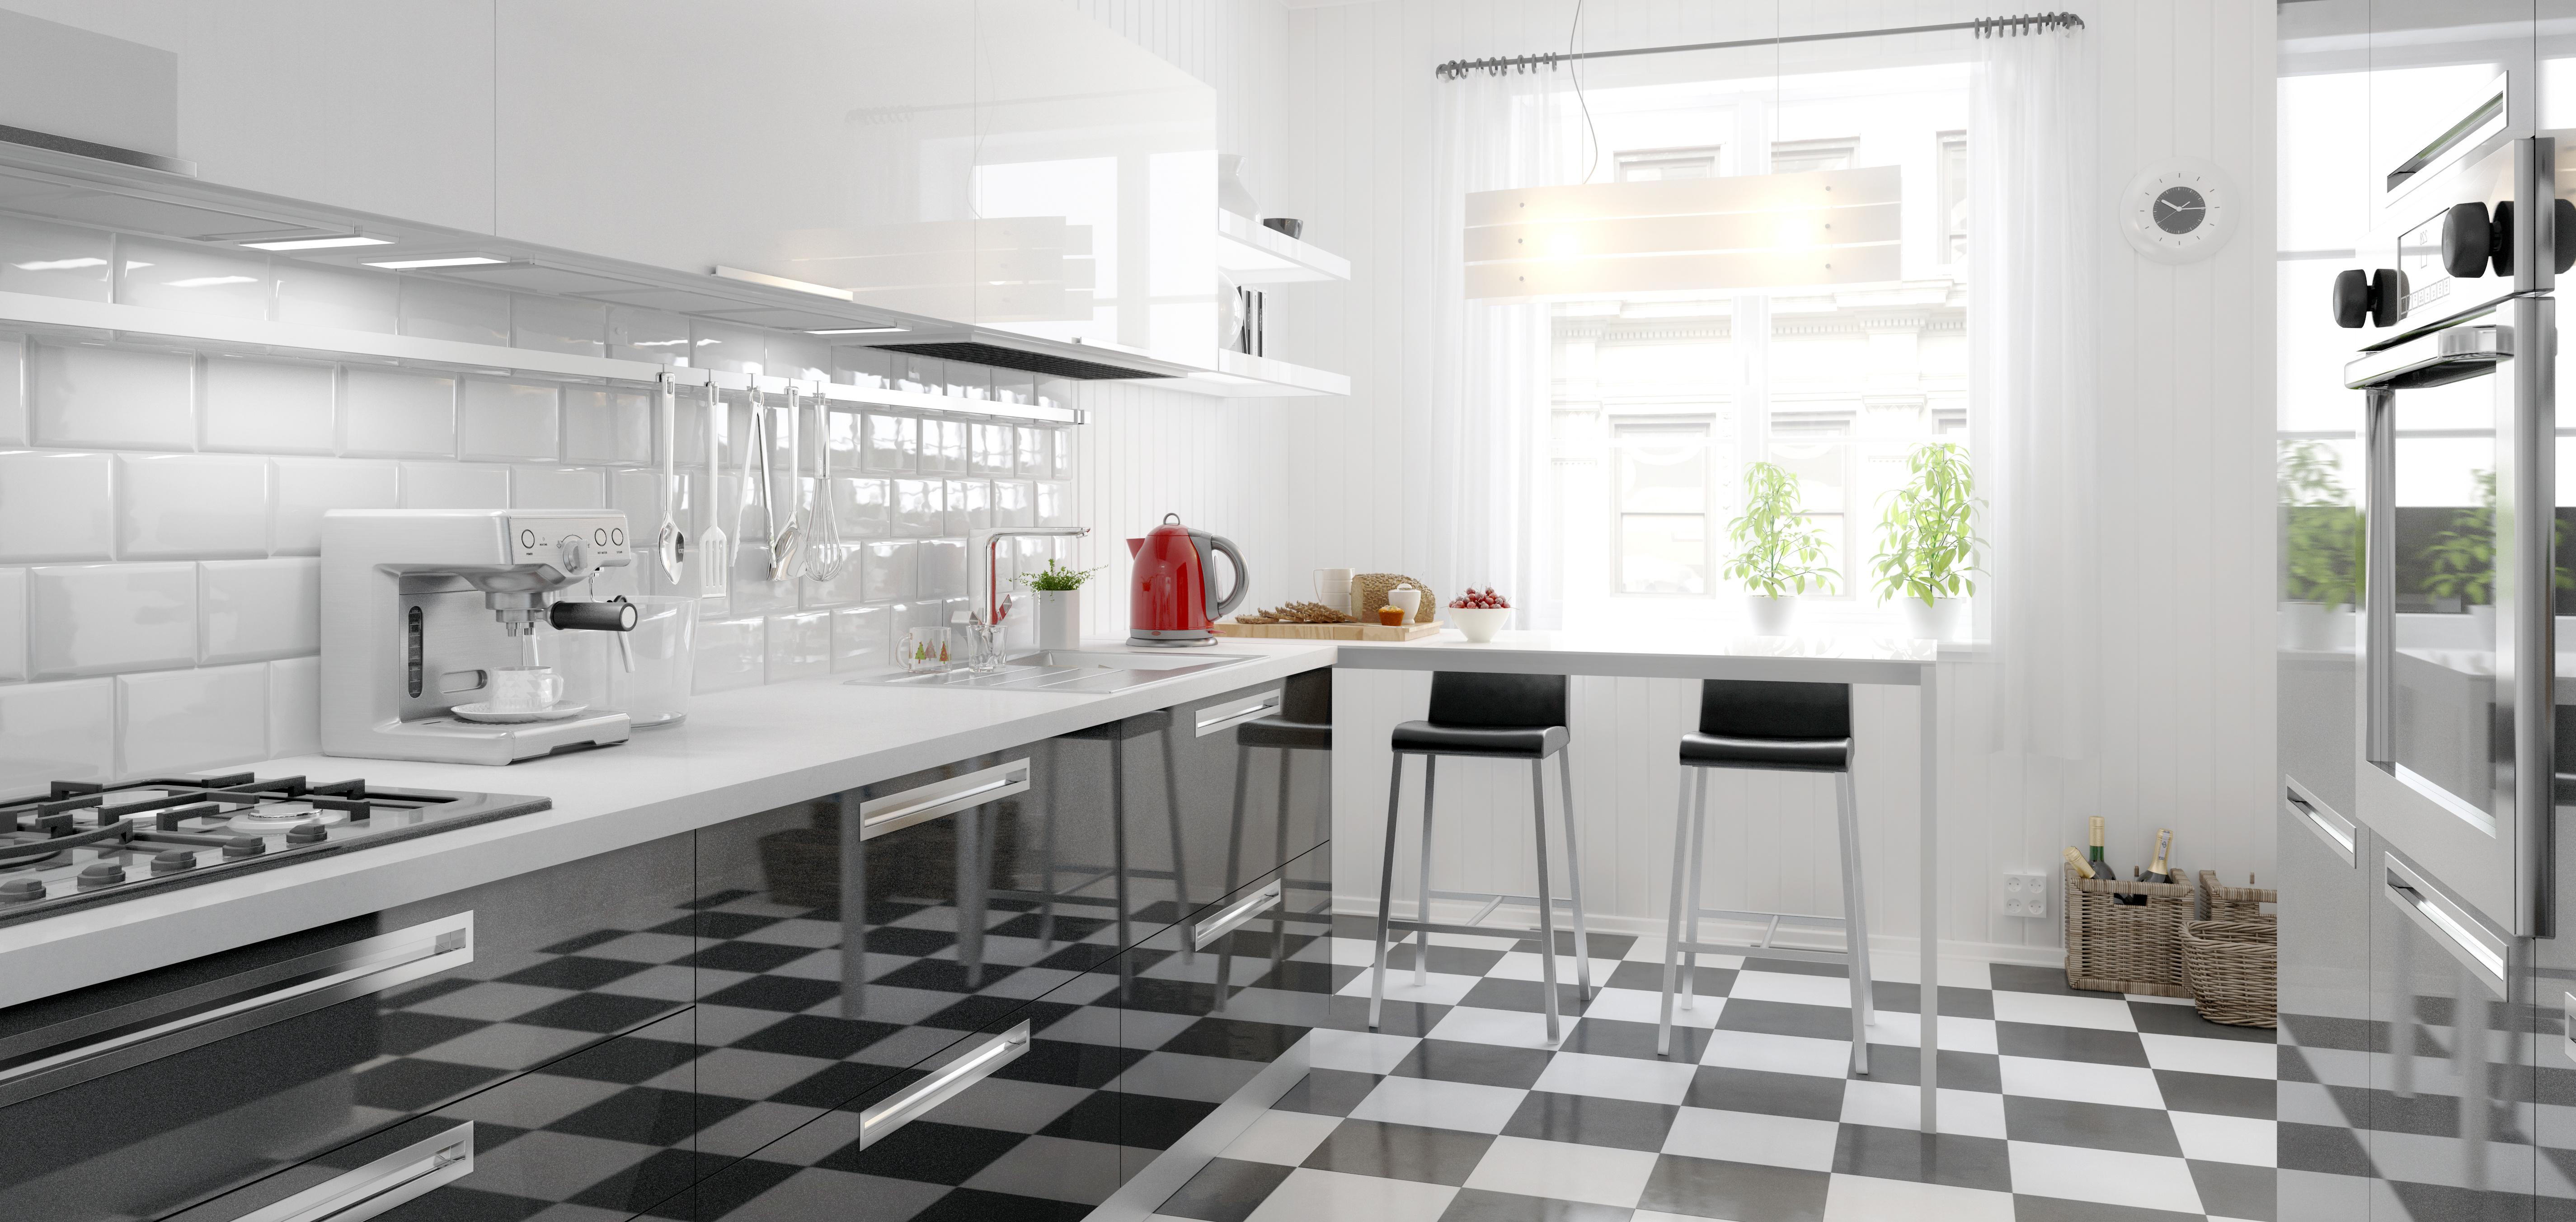 Extrem Küchenboden: Welcher Belag eignet sich für die Küche? KE54